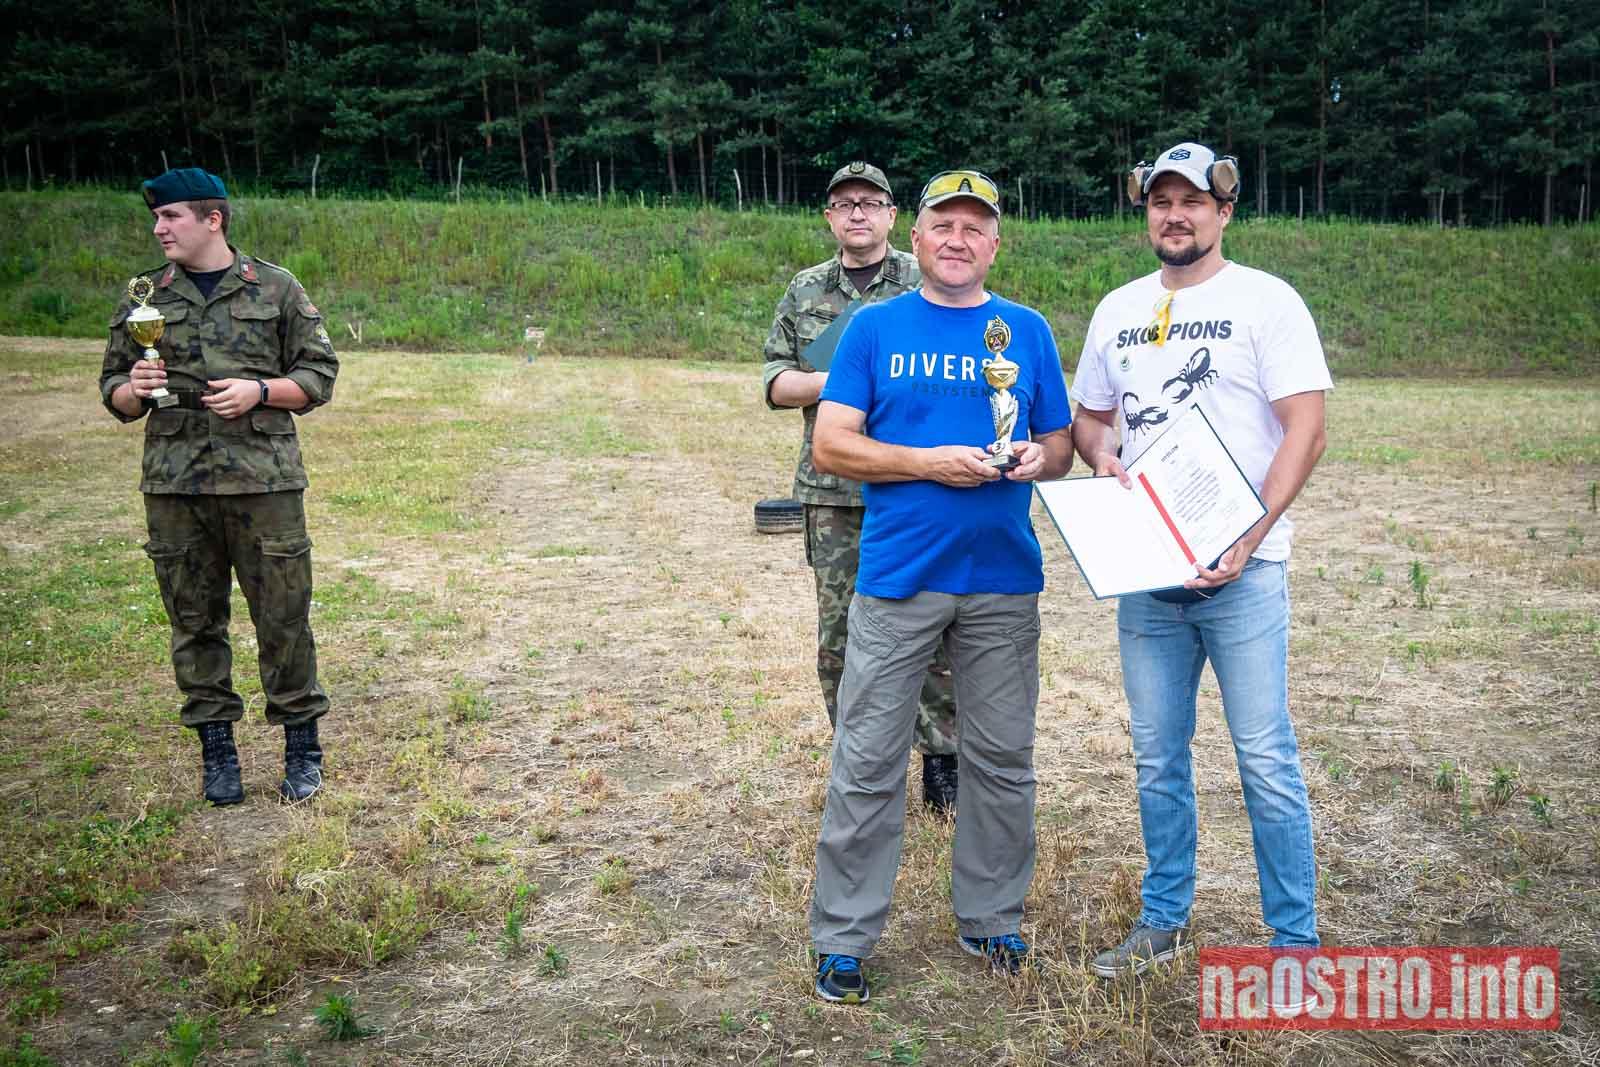 NaOSTROinfo Zawody Strzeleckie-15